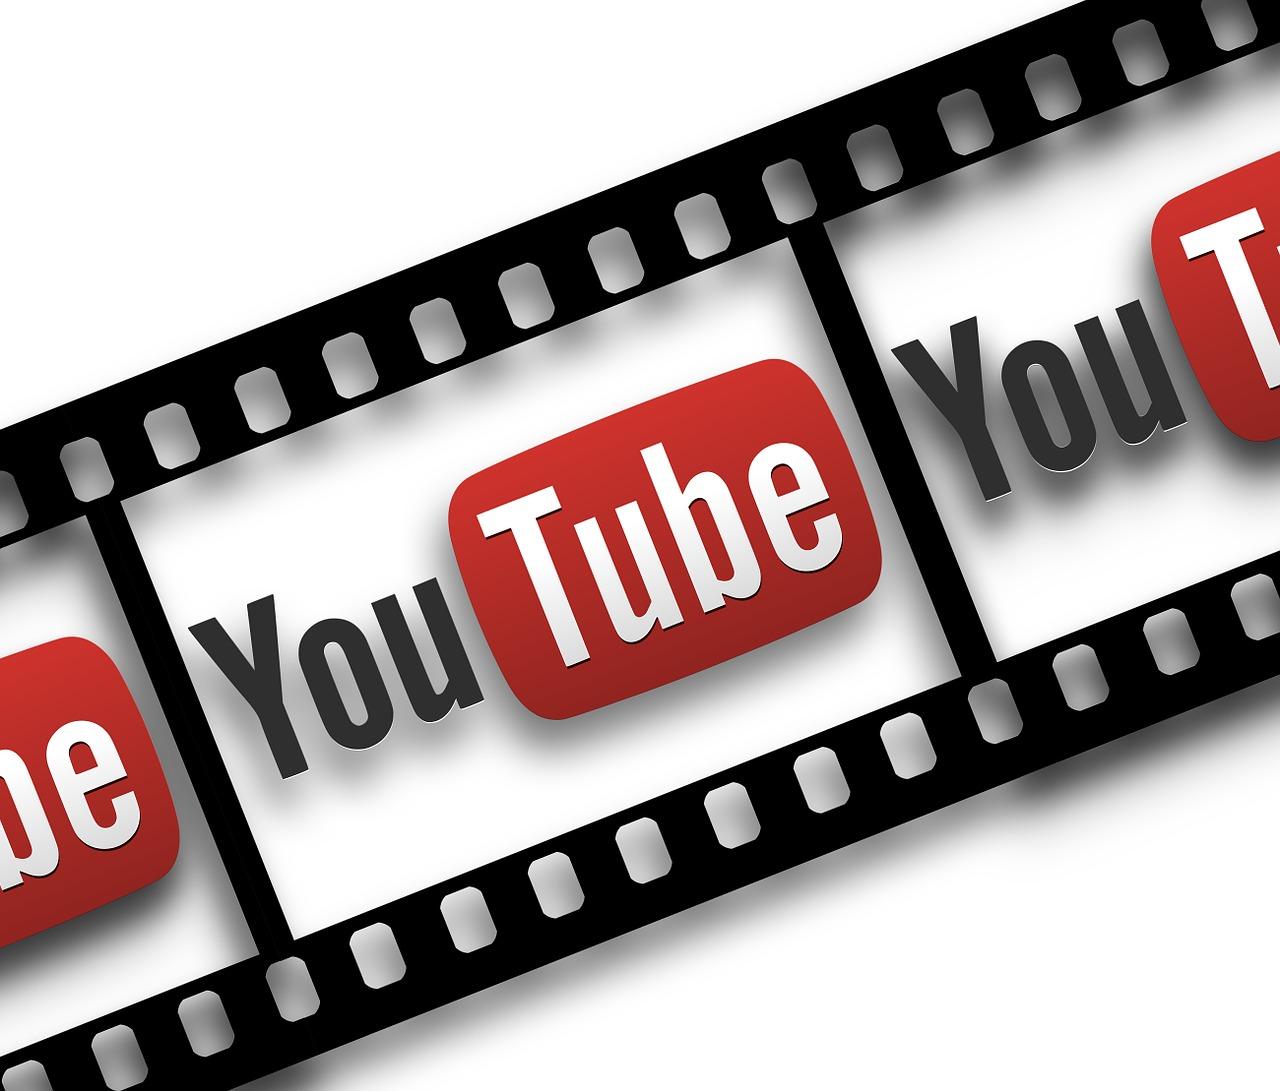 YouTube, Marketing